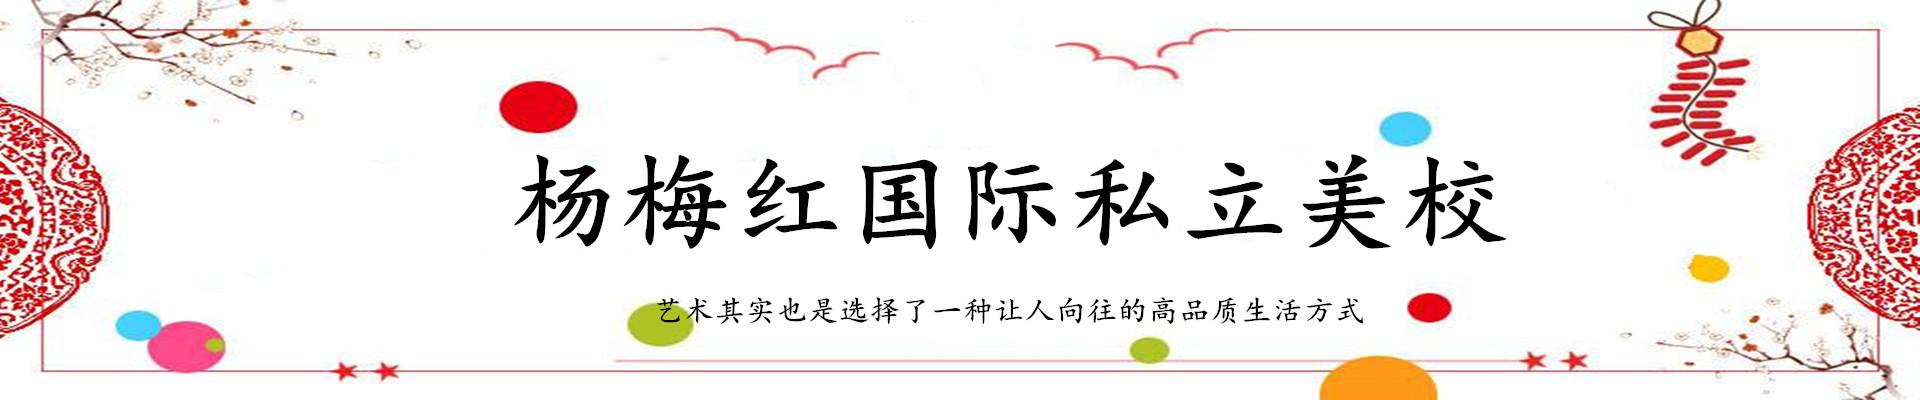 枣庄万达杨梅红国际私立美校